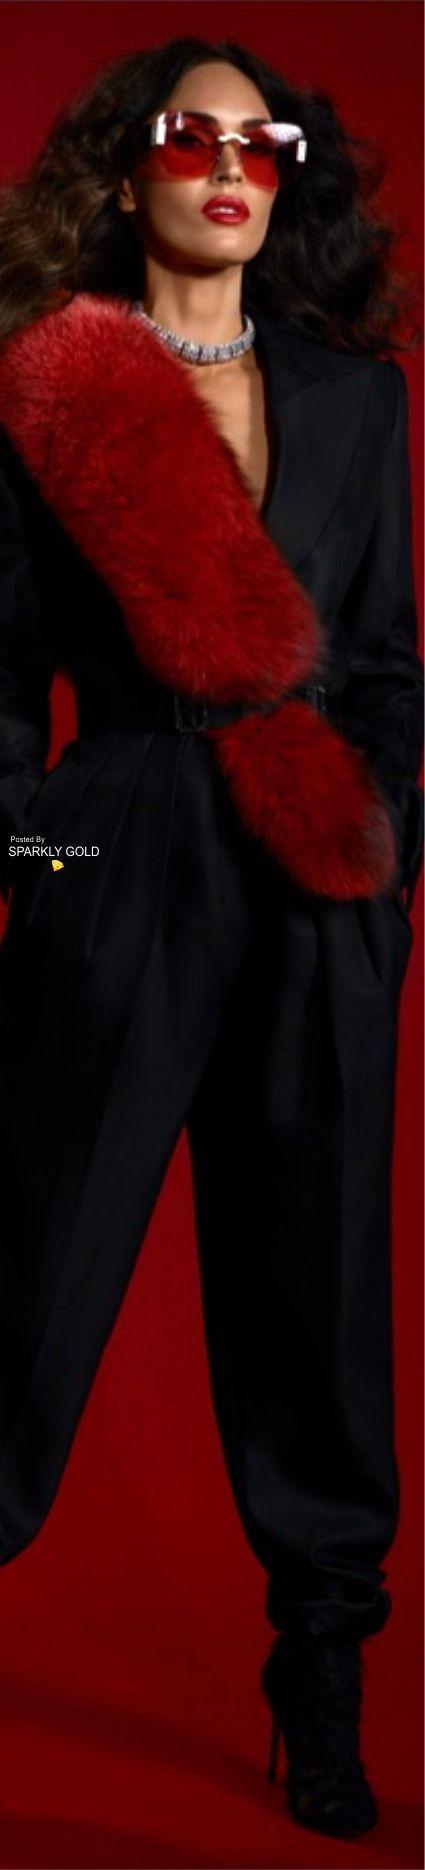 Megan Fox/Prestige Hong Kong Nov 17